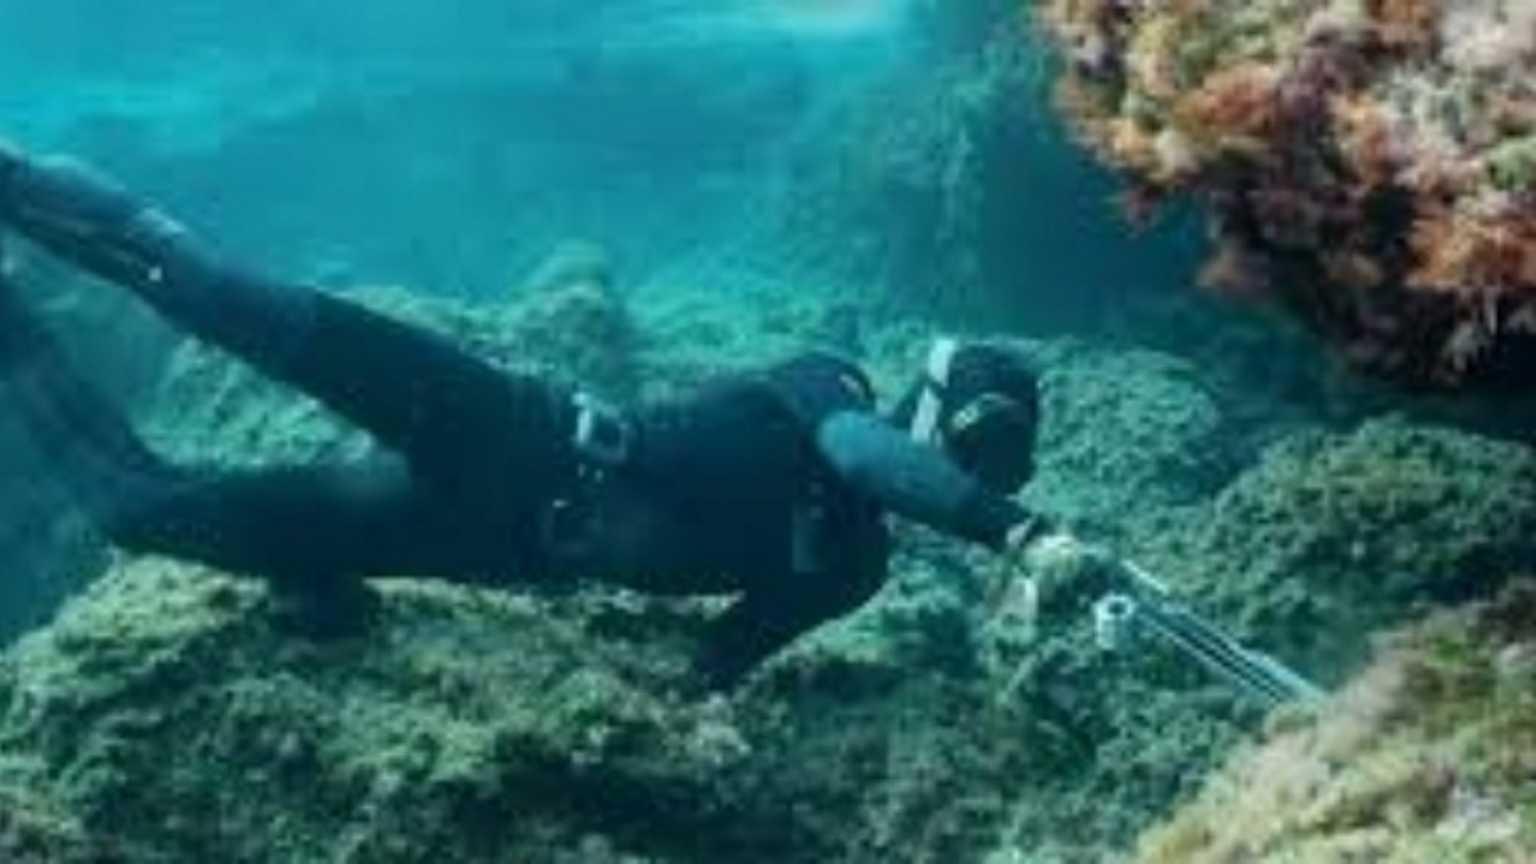 Θρήνος στο Αγρίνιο για τον 49χρονο ψαροντουφεκά – Σε πνιγμό οφείλεται ο θάνατός του